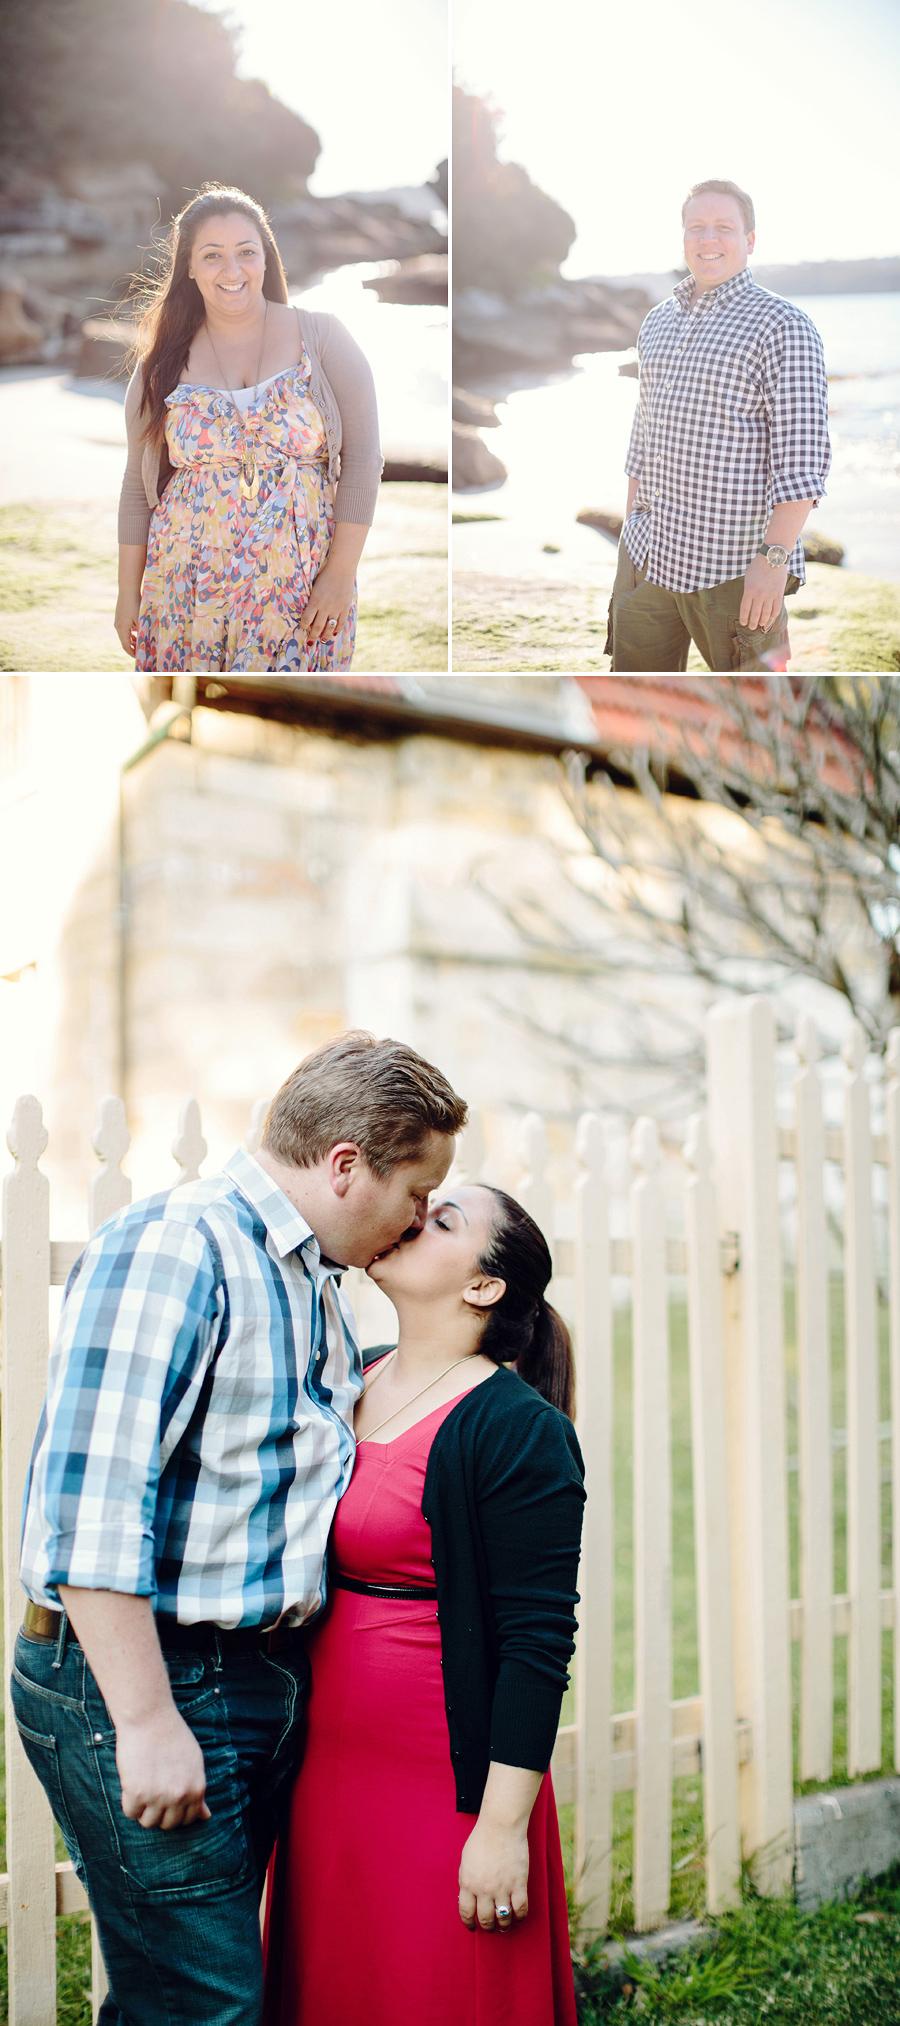 Vaucluse Engagement Photographer: Nielsen Park